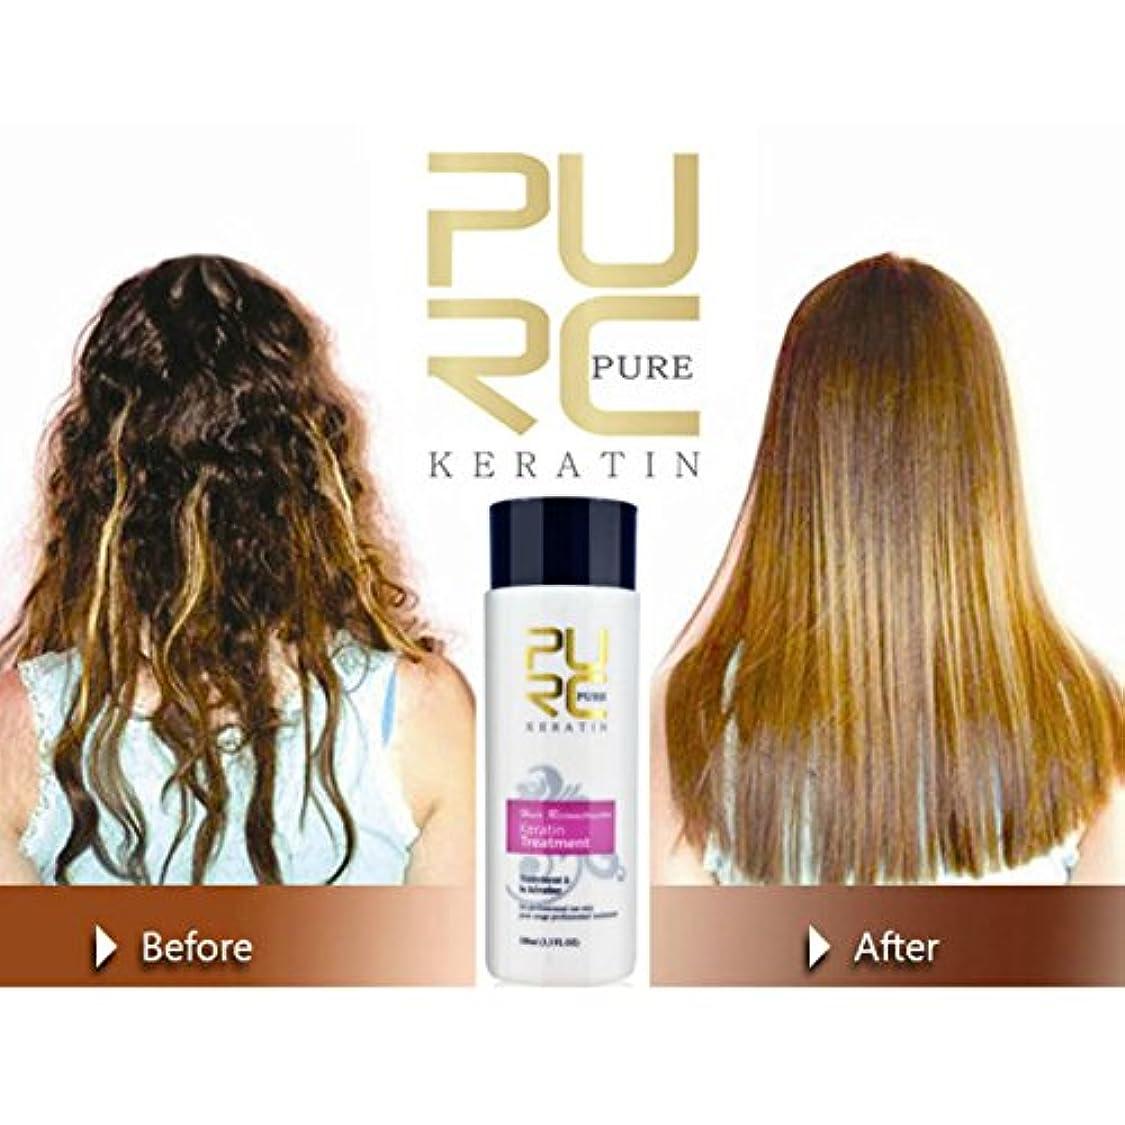 医療の栄光の旋回純粋 ブラジル産 ケラチン 毛髪を真っすぐにする手当 ドライヤー乾燥時 100ml